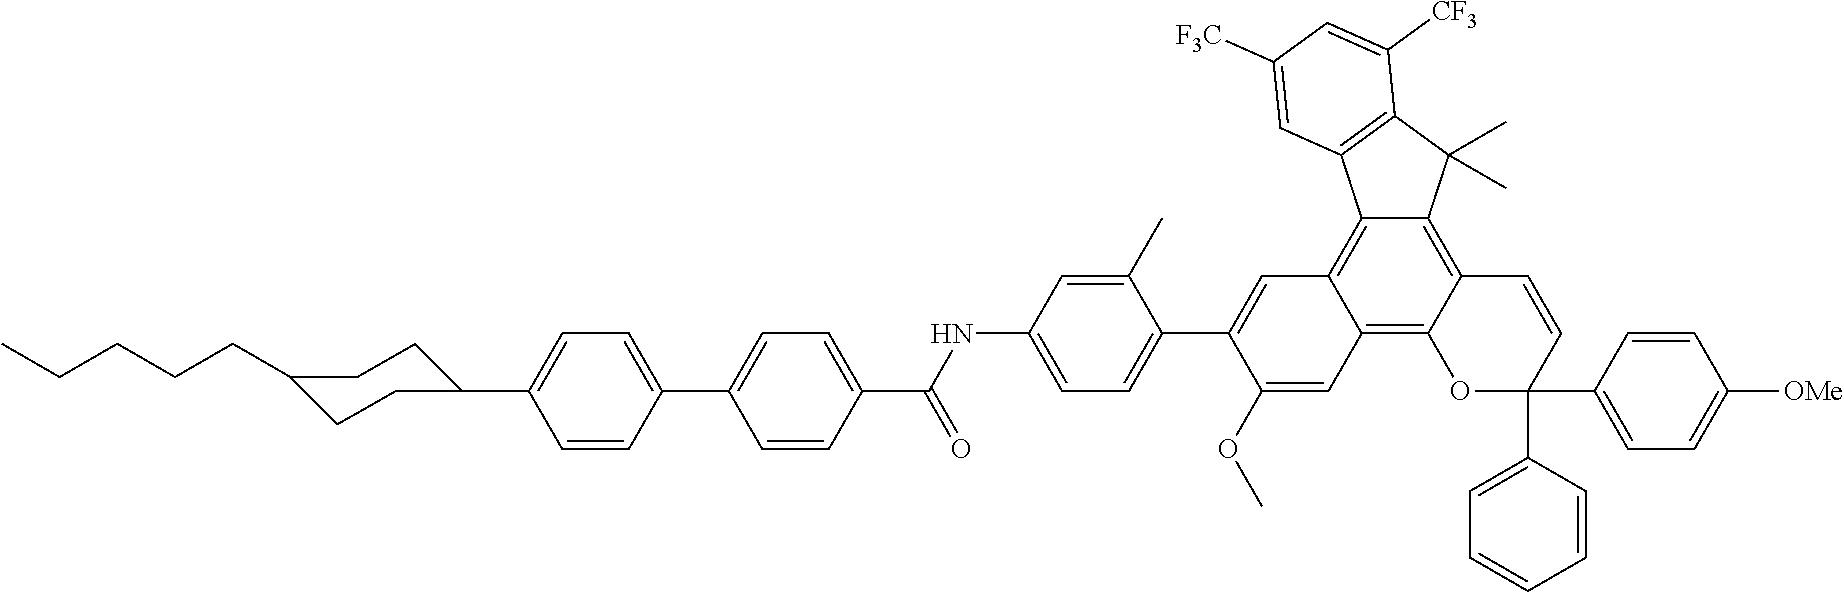 Figure US08518546-20130827-C00044